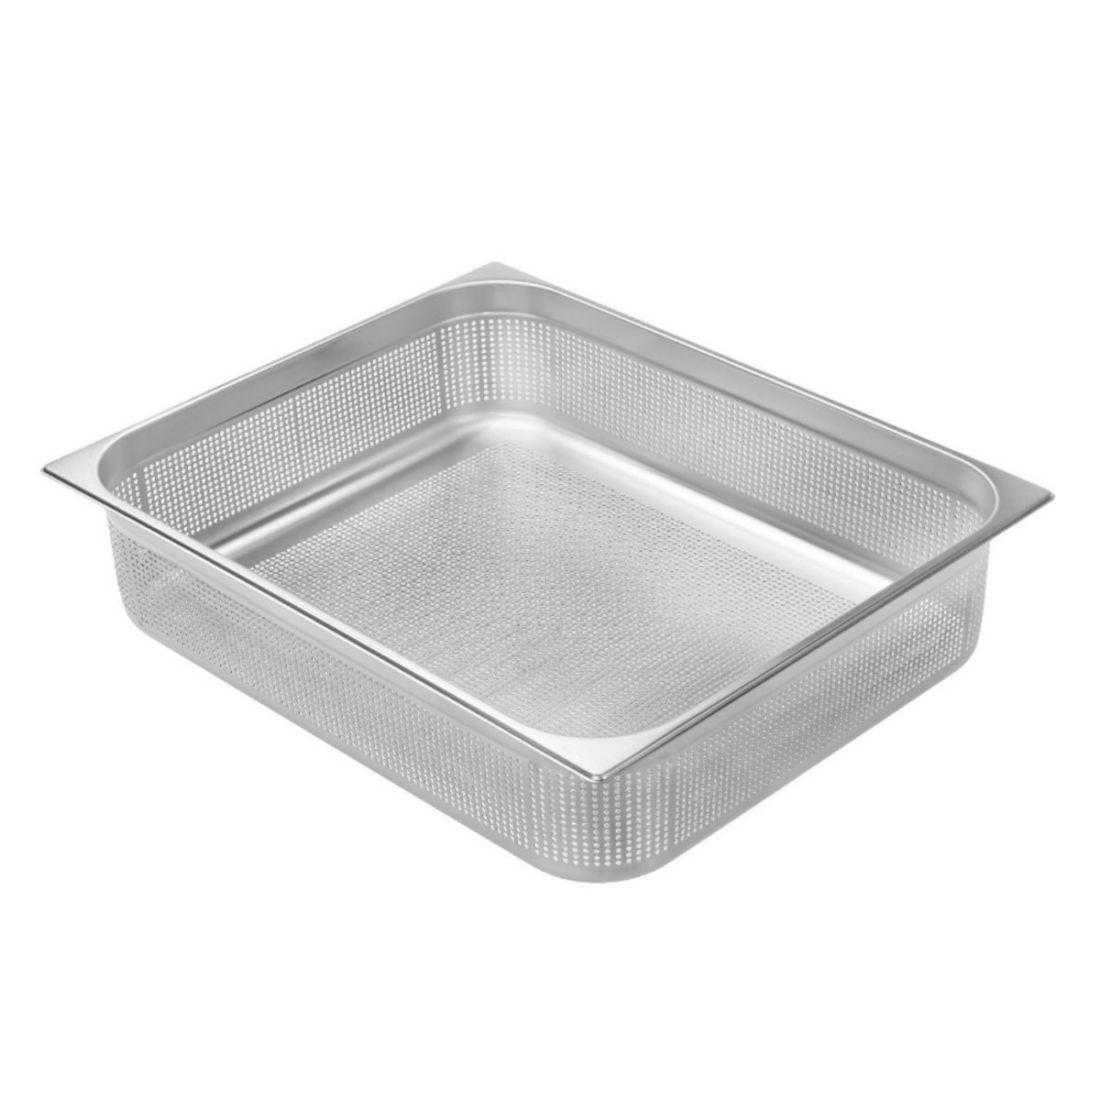 Gastronádoba Profi děrovaná s úchyty GN 2/1 150 mm